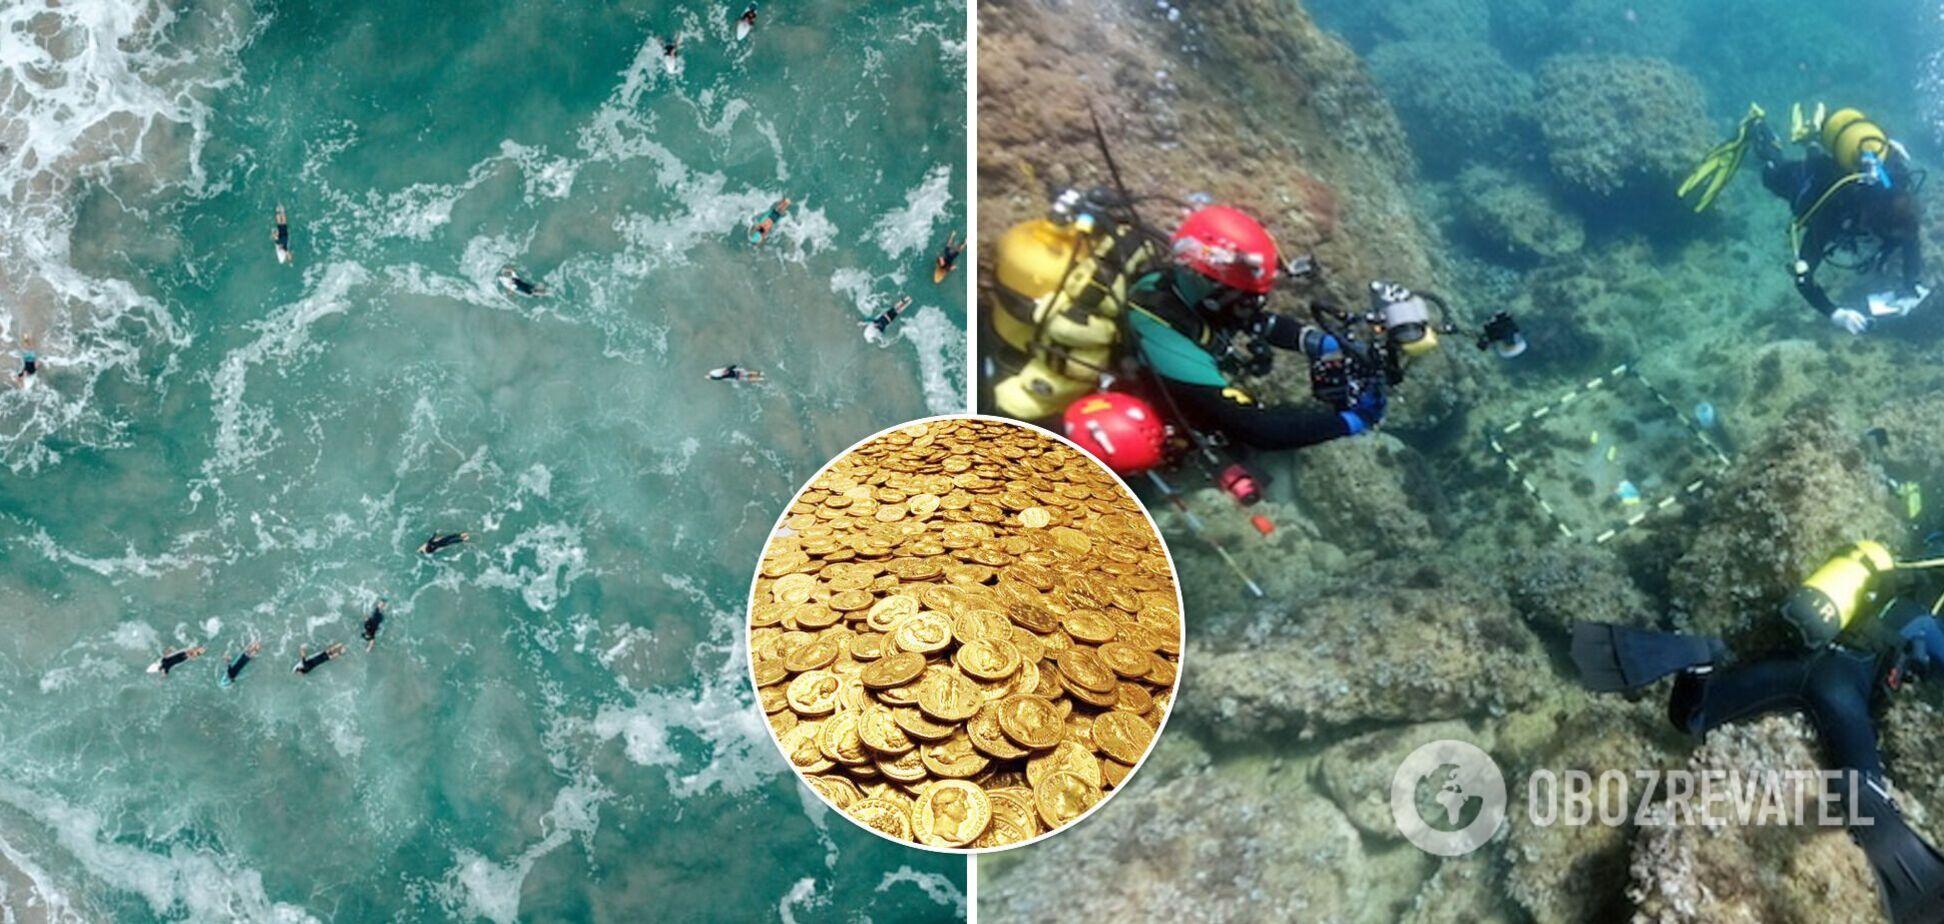 В Испании дайверы обнаружили клад золотых монет на дне моря. Фото